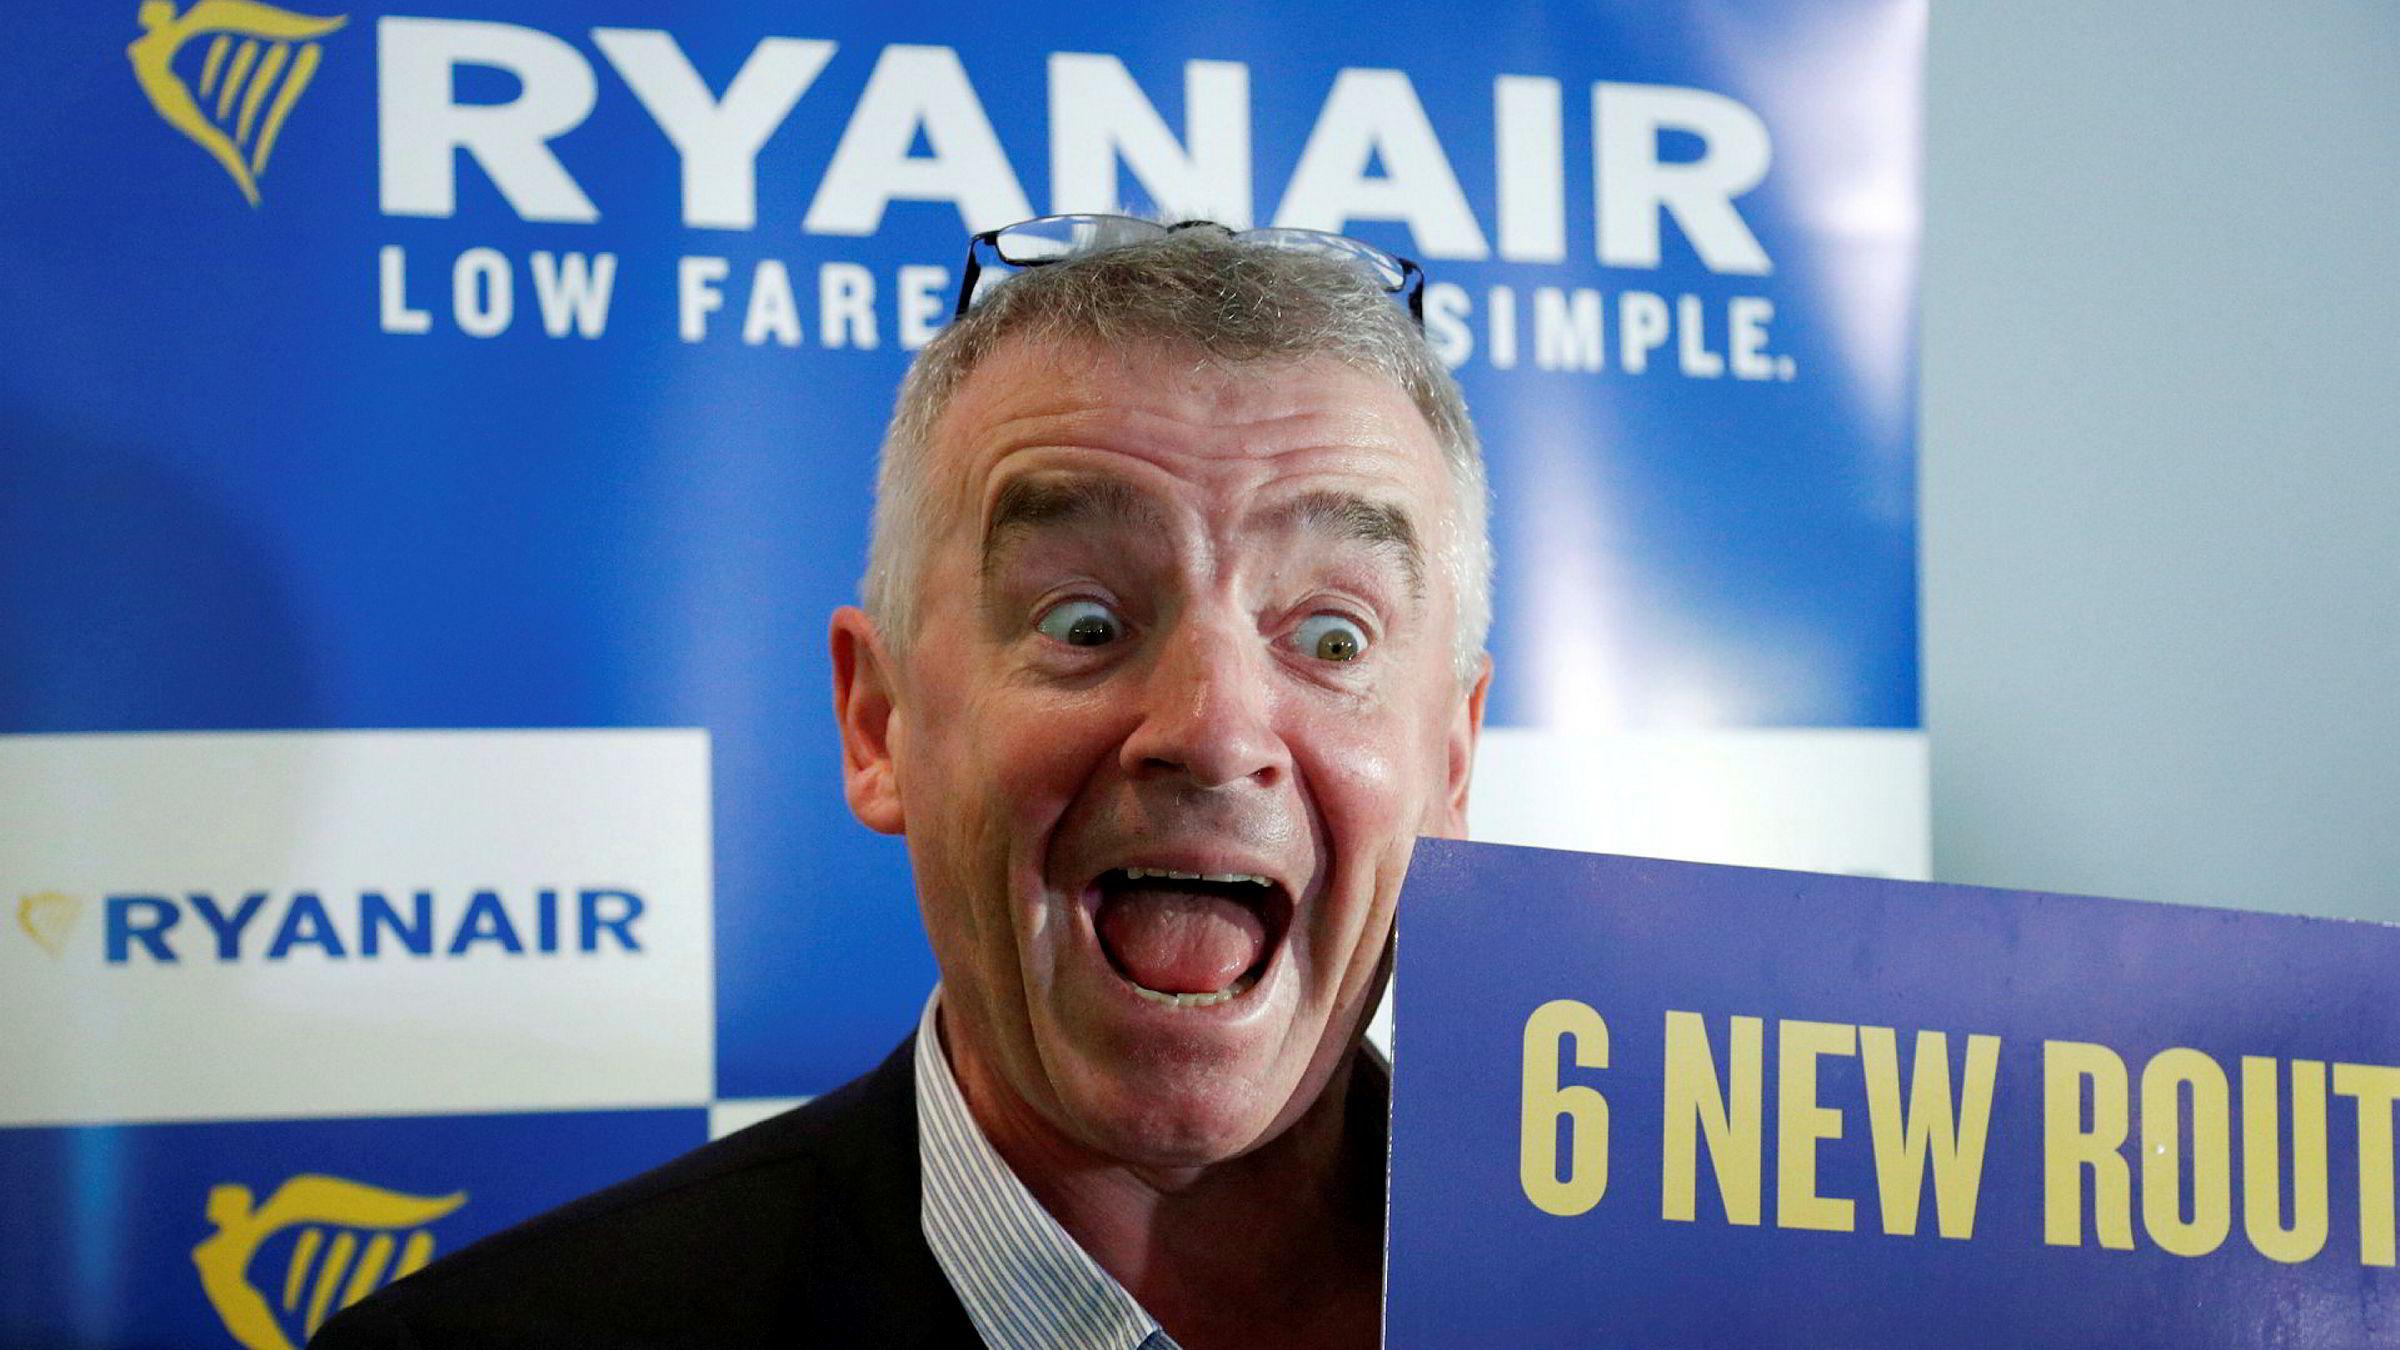 Ryanair-sjef Michael O'Leary mobber Norwegians høye kostnader.